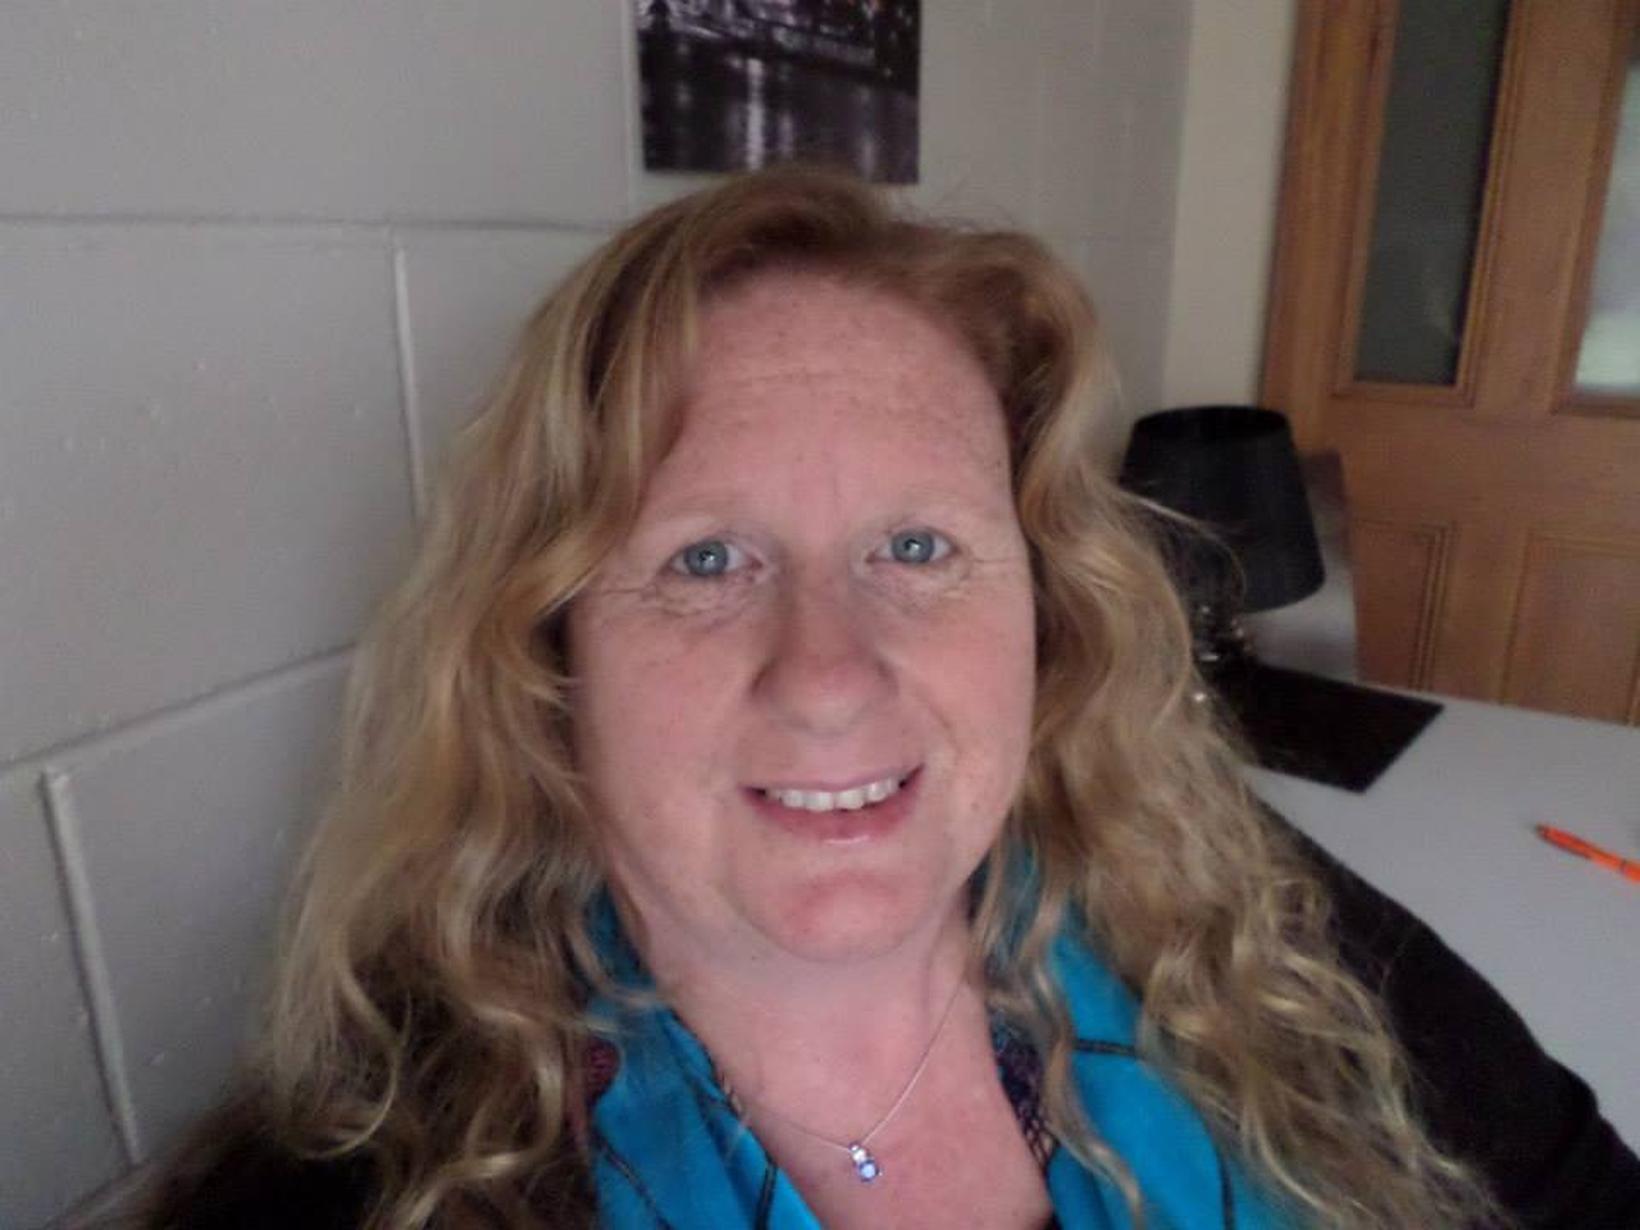 Marika from Wanaka, New Zealand